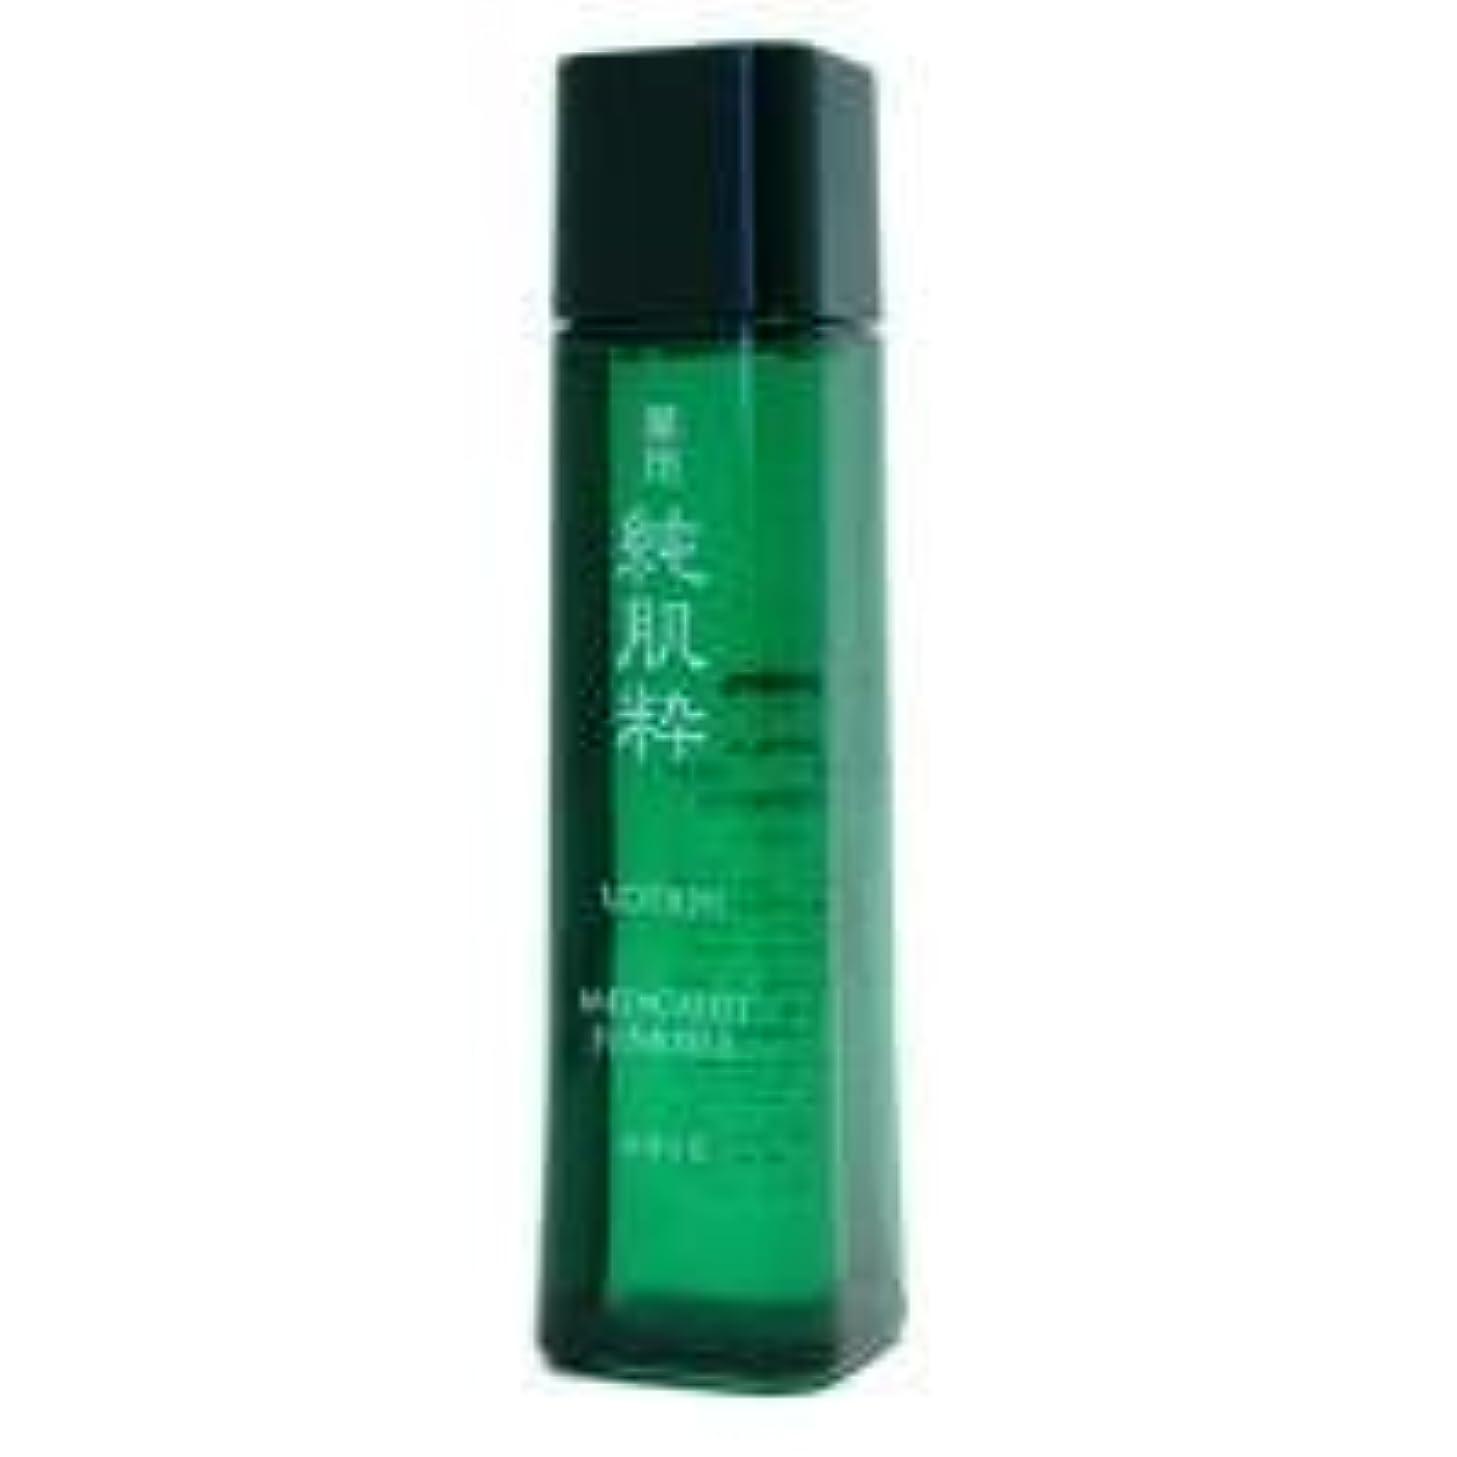 かもしれないモジュール味わうコーセー 薬用 純肌粋 化粧水 150ml